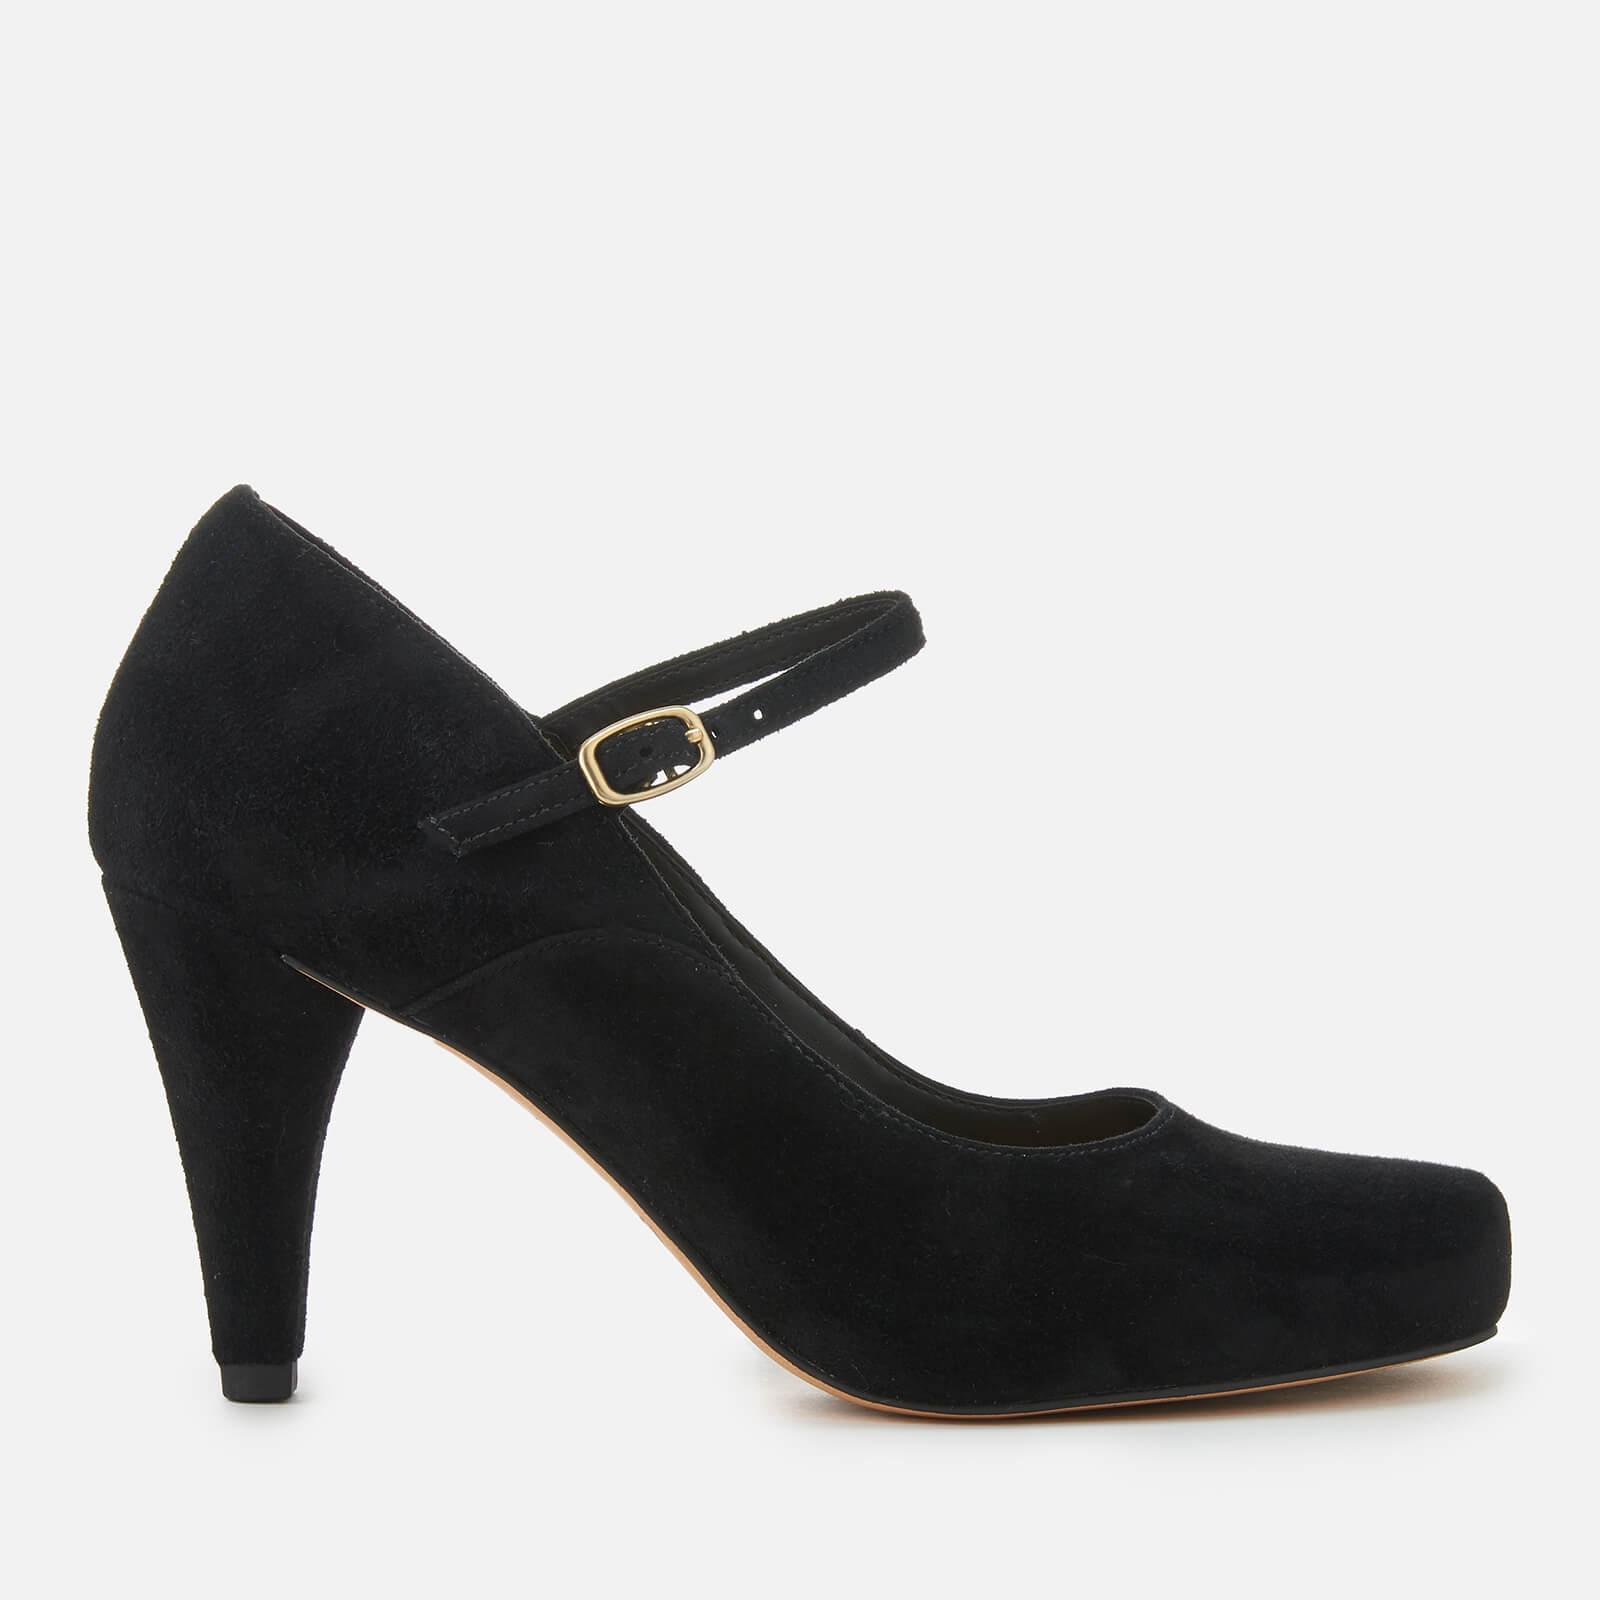 Clarks Women's Dalia Lily Suede Mary Jane Heels Black